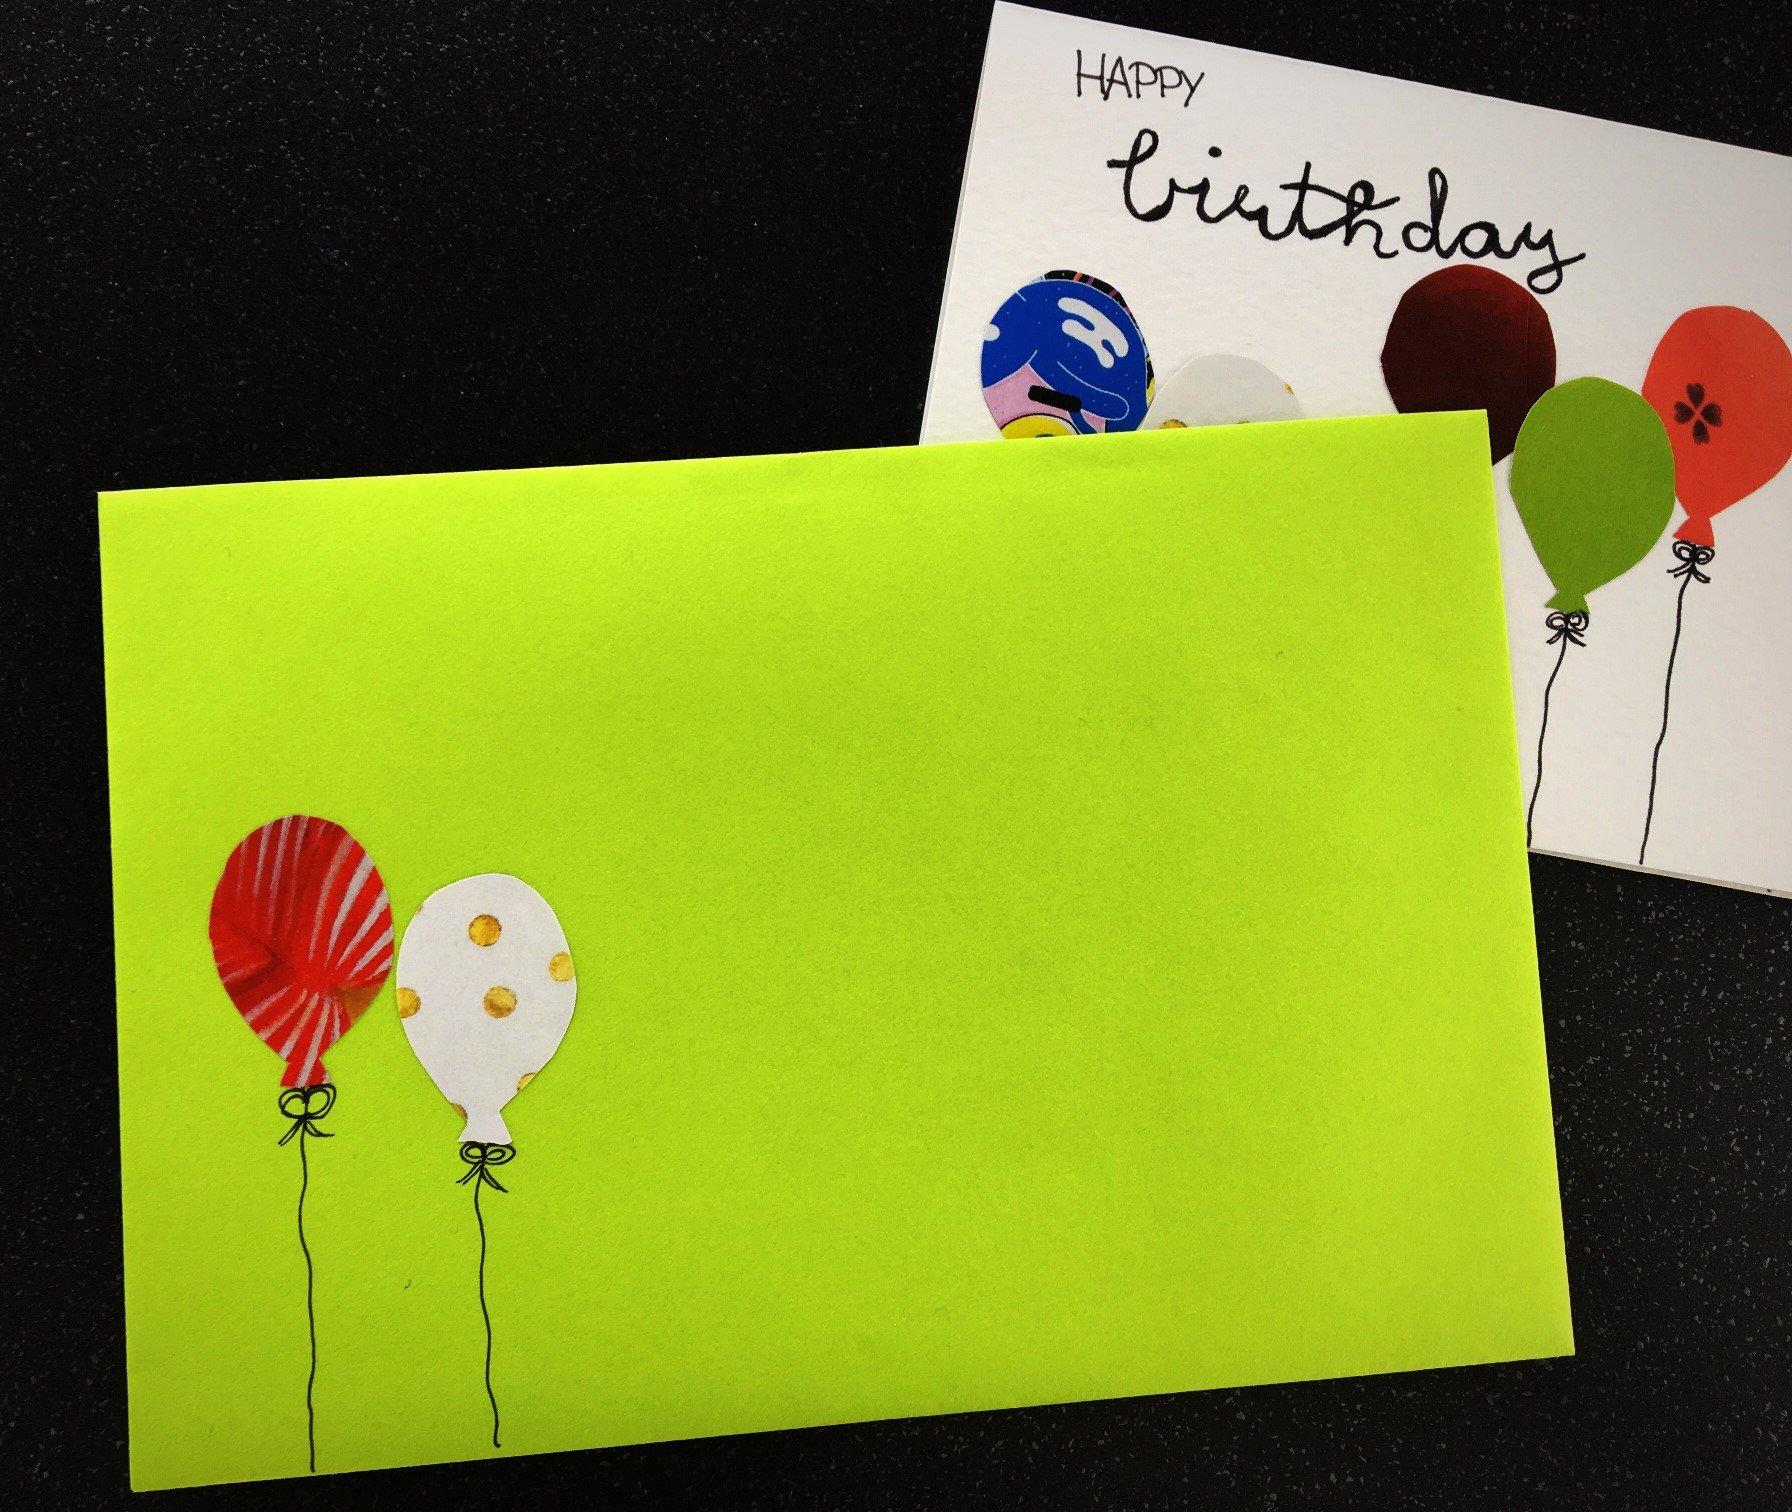 IMG 9491 - Geburtstagskarte mit Luftballons basteln